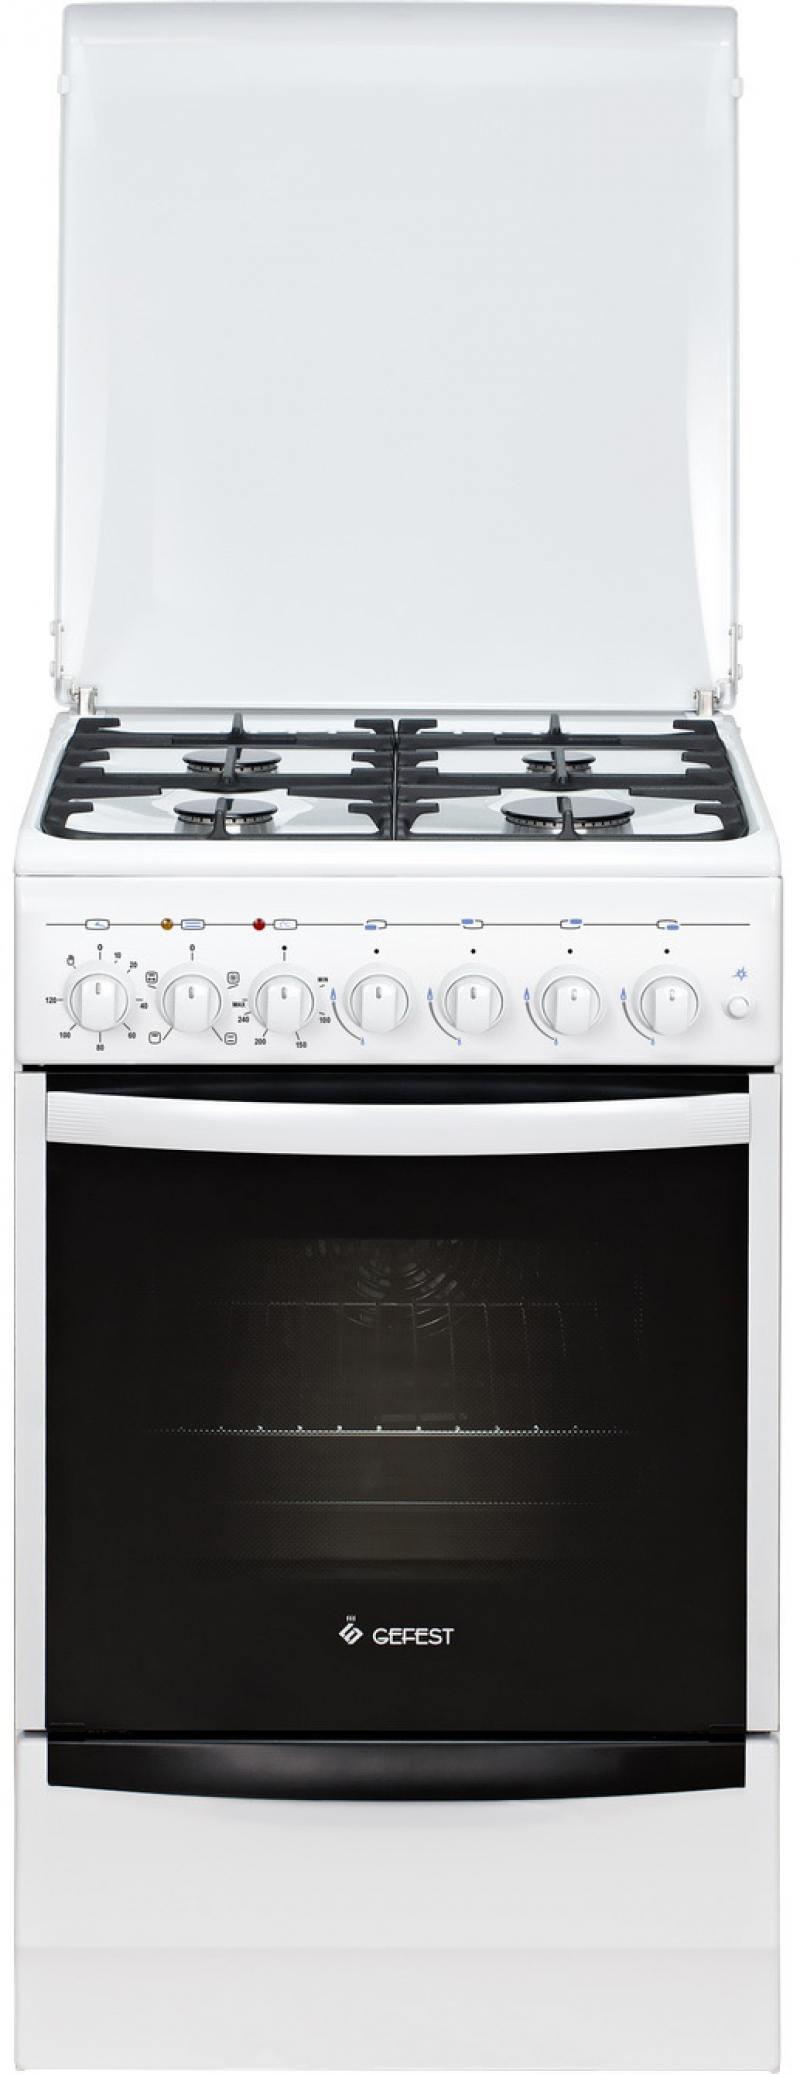 все цены на Комбинированная плита Gefest 5102-02 онлайн